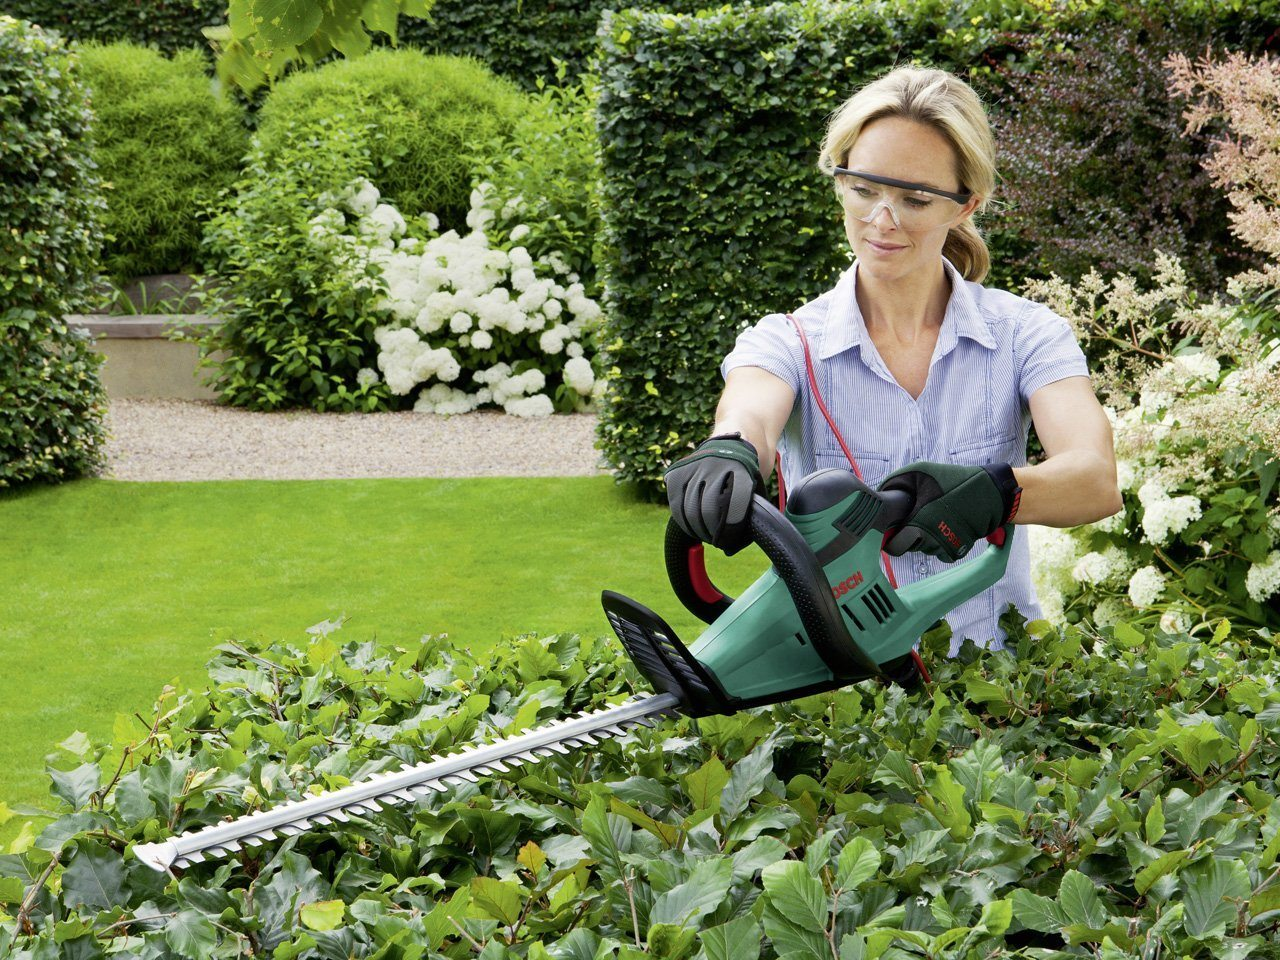 Frau mit einer Elektro-Heckenschere von Bosch bei der Gartenarbeit